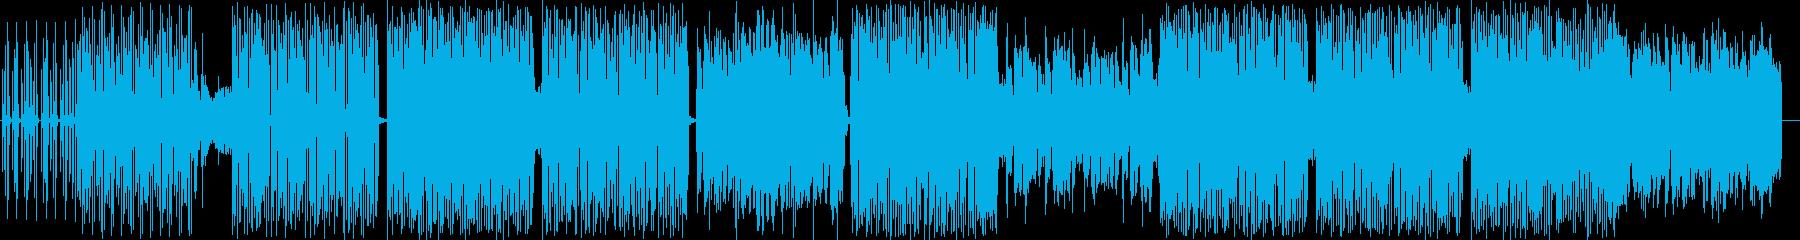 フュージョン 技術的な エスニック...の再生済みの波形